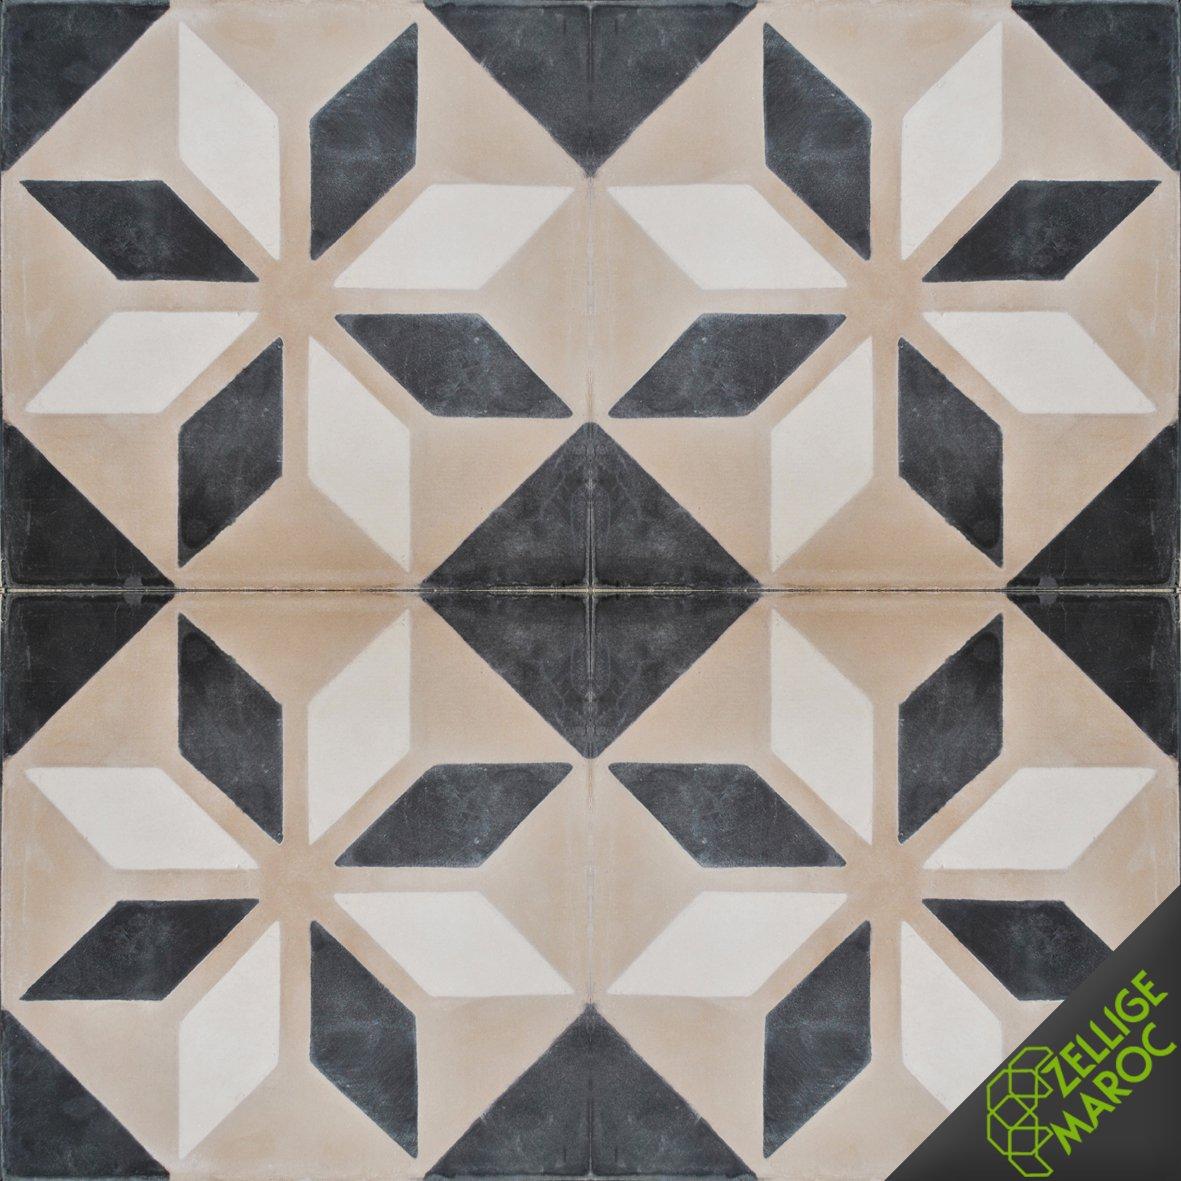 Carreaux ciment t71 zellige maroc - Carreaux ciment maroc ...